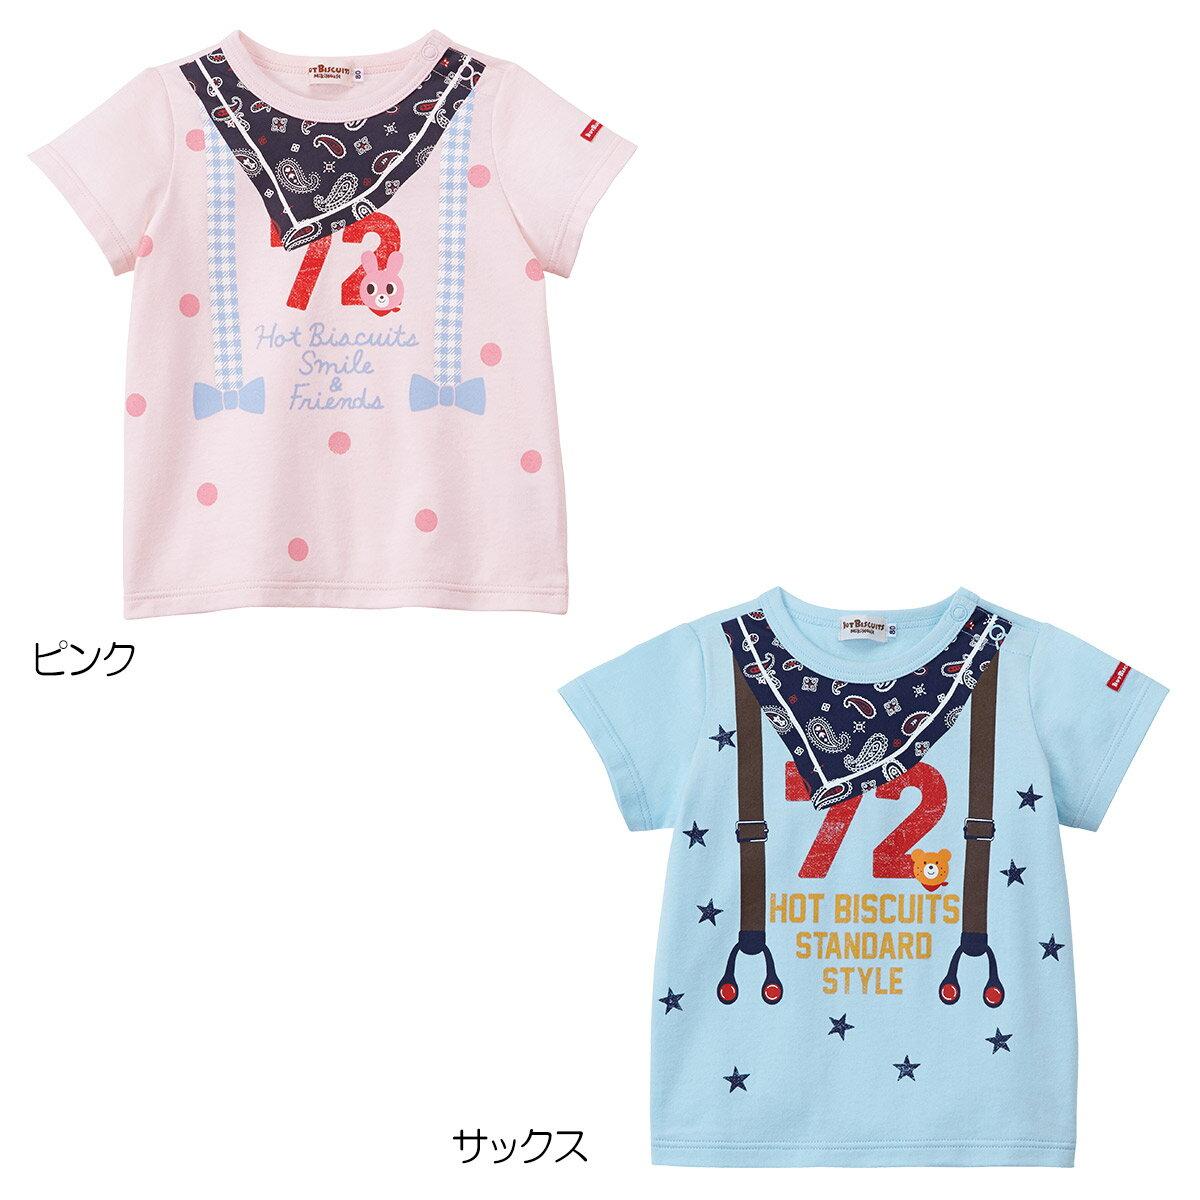 ミキハウス ホットビスケッツ mikihouse バンダナプリント半袖Tシャツ(70cm-110cm)